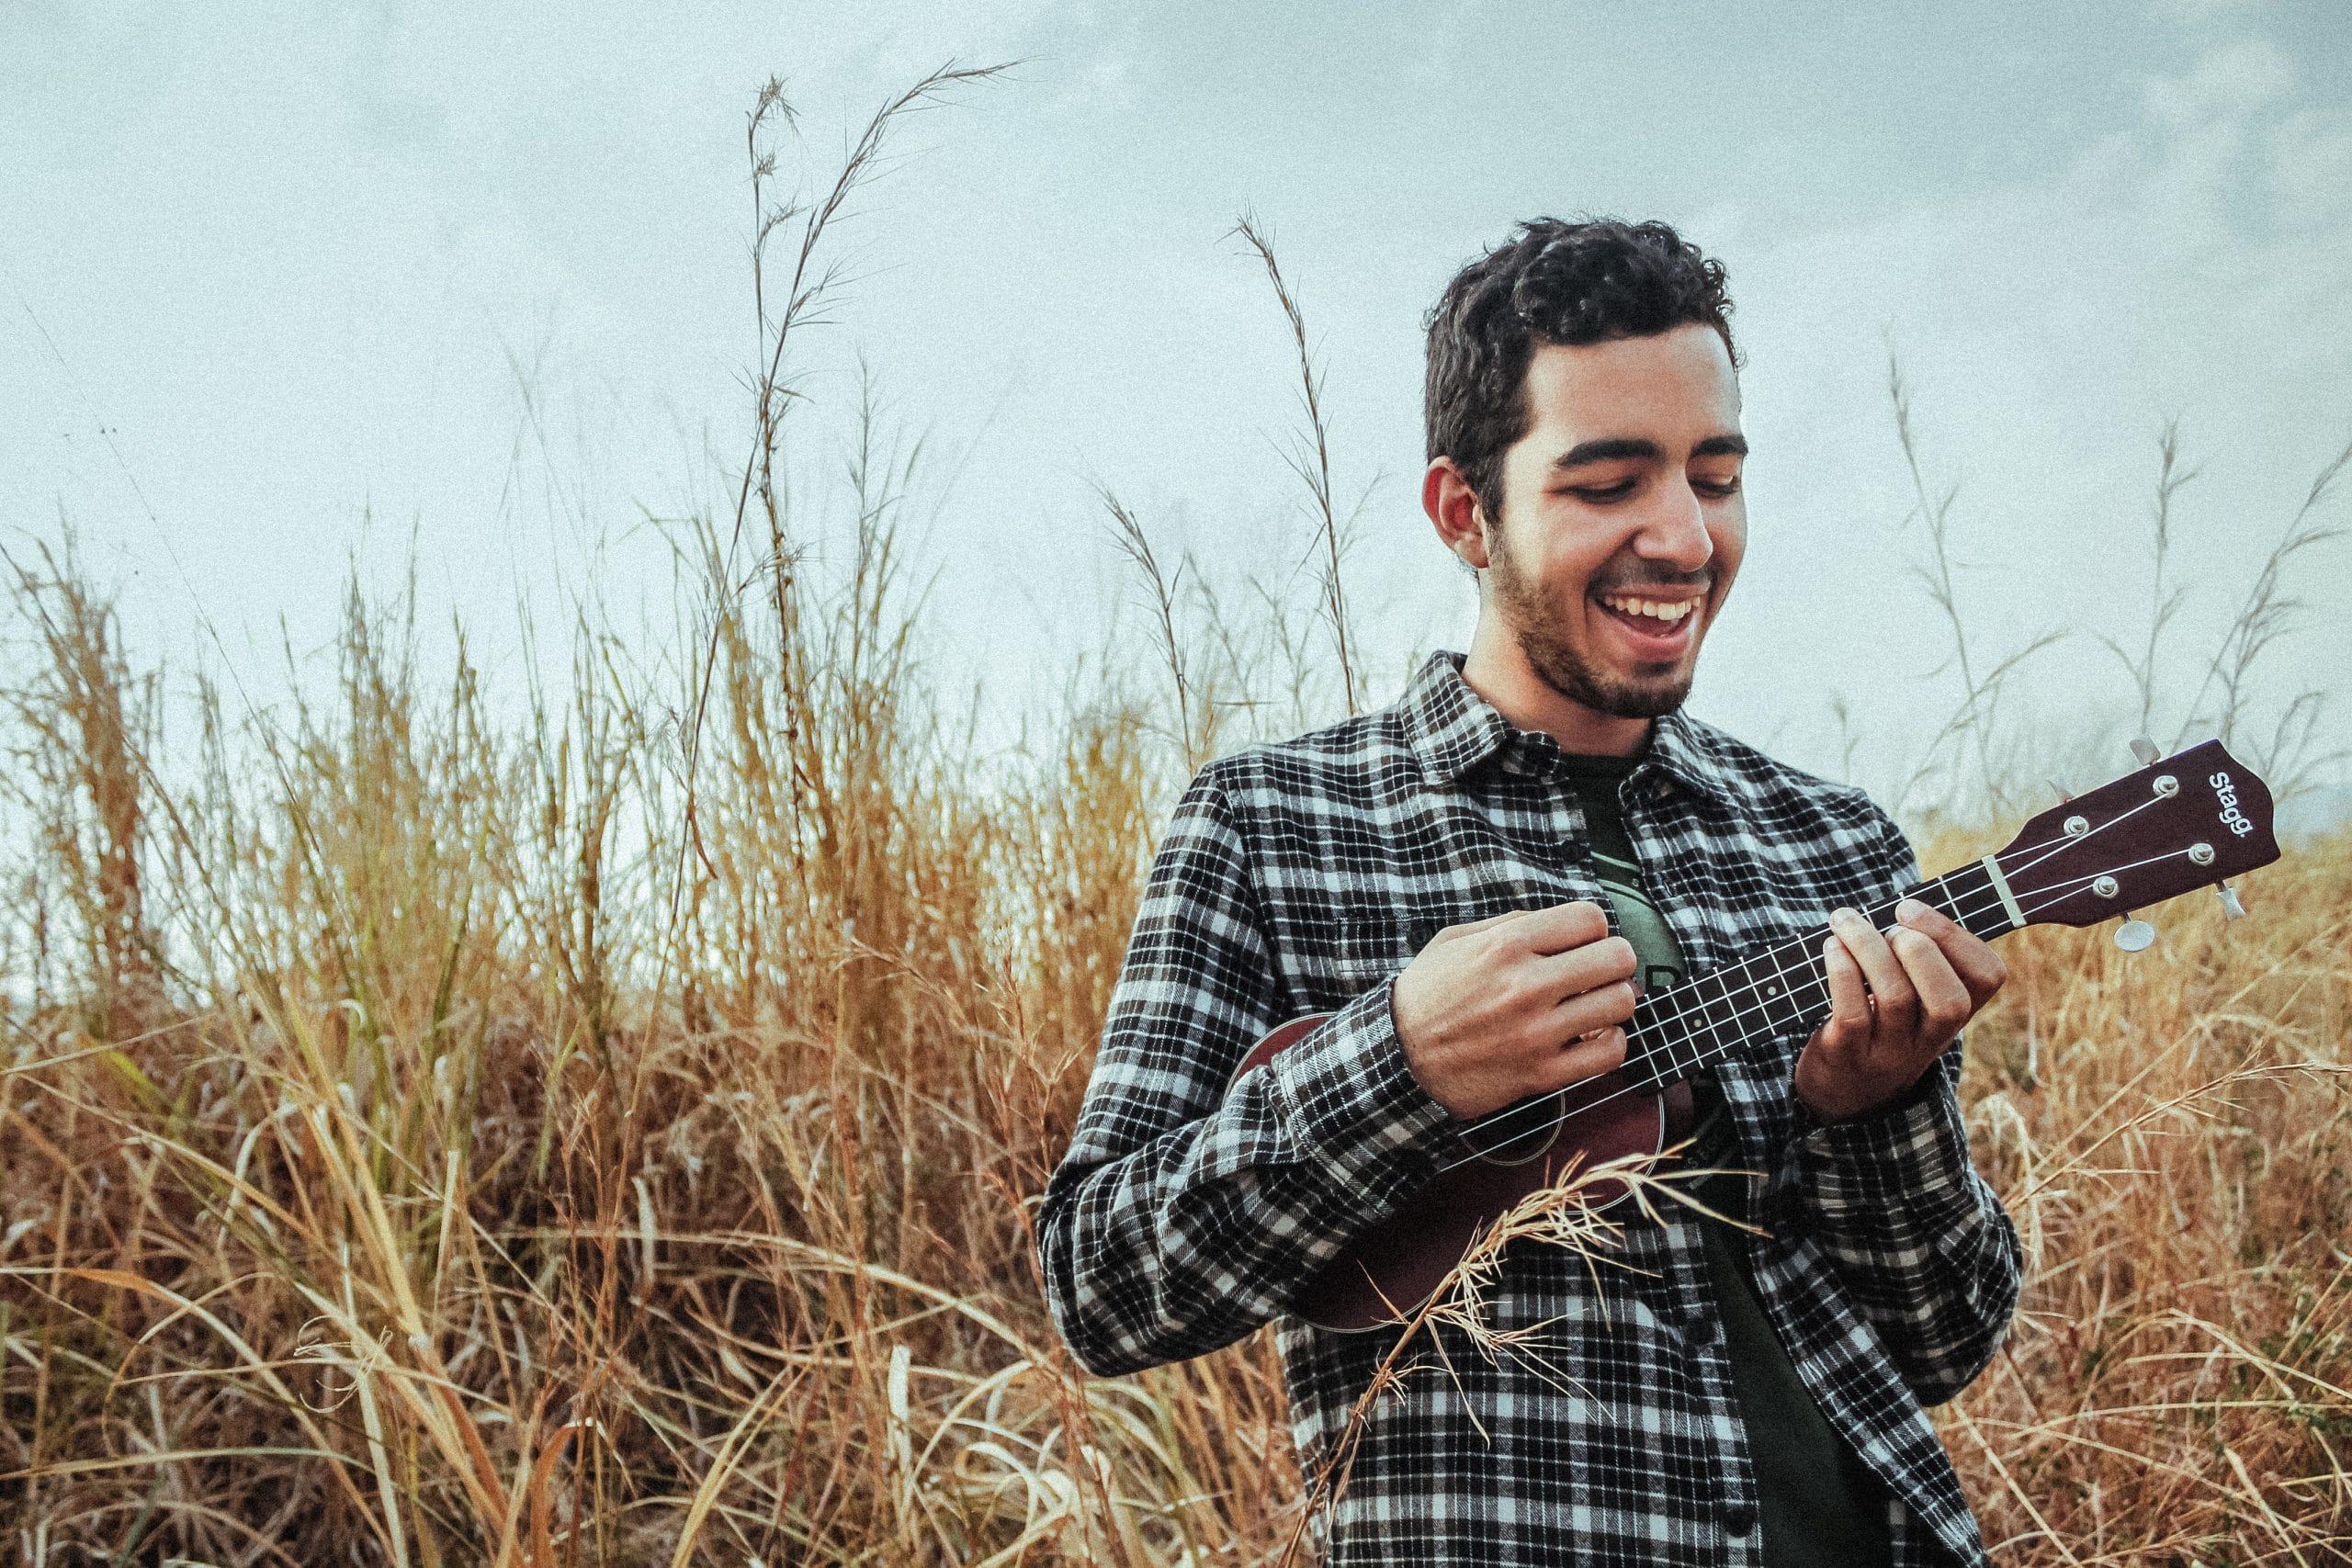 Rapaz tocando Ukulele em campo com matos secos sorrindo